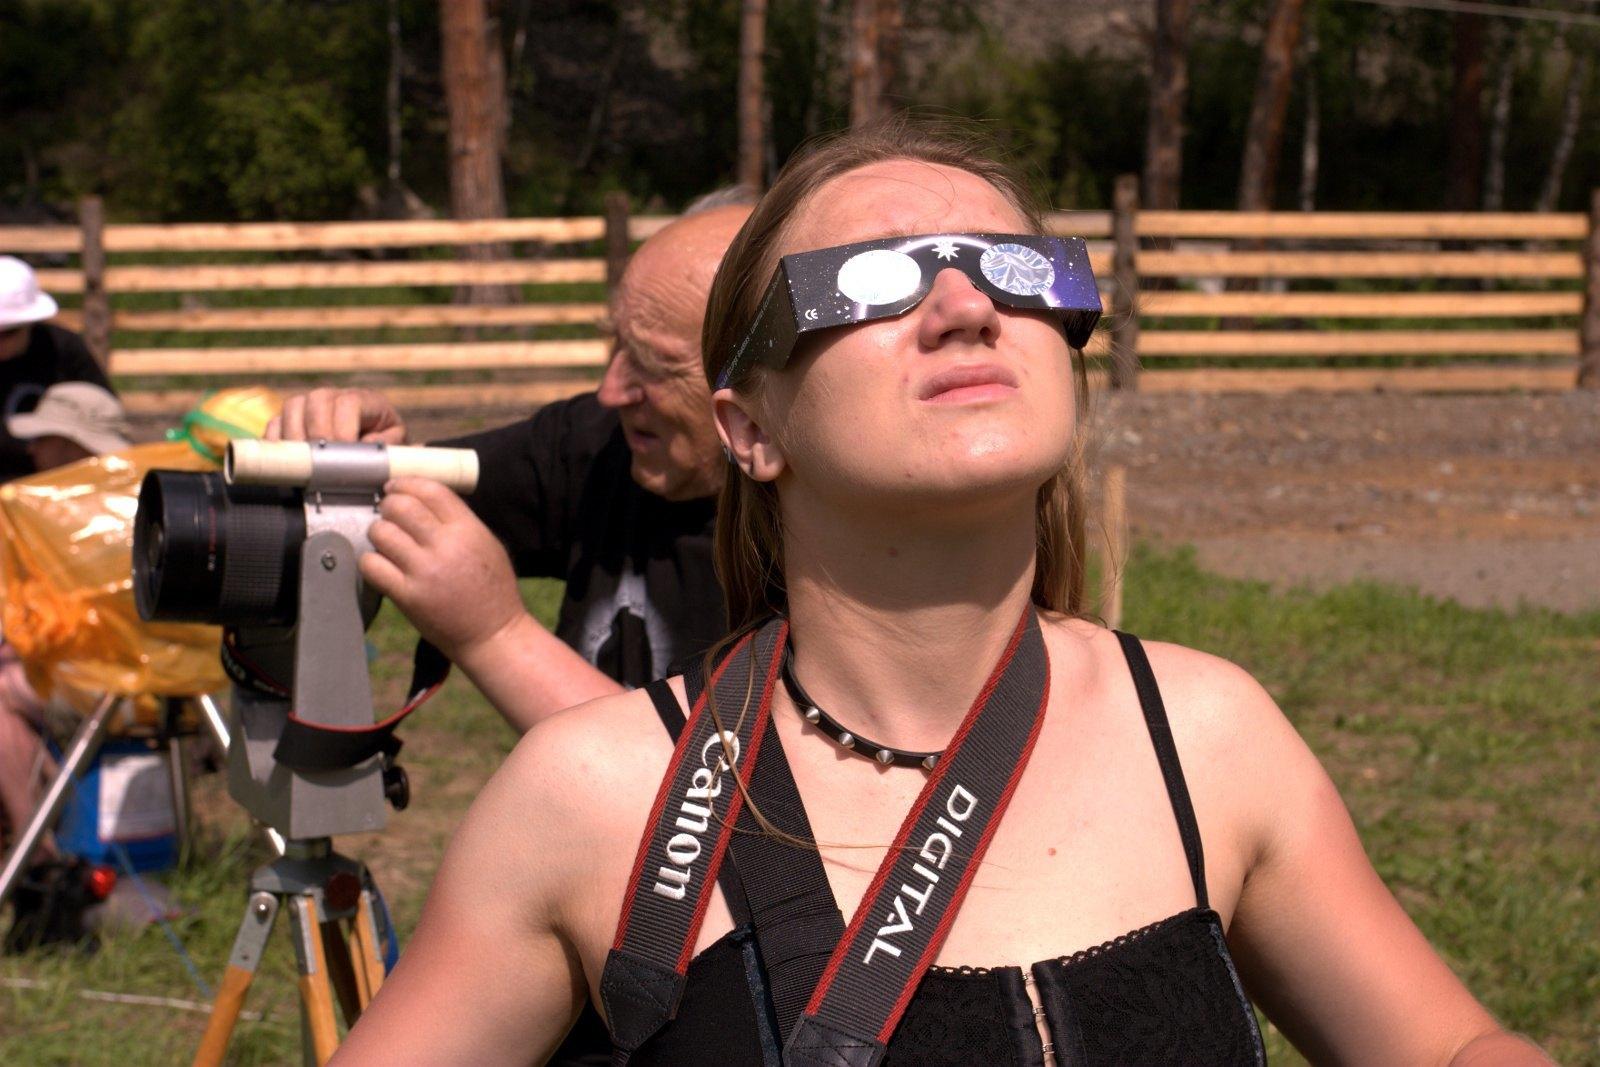 Syberia (wyprawa zaćmieniowa) – Dzień 7: Pełne zaćmienie słońca (1 lipca 2008)